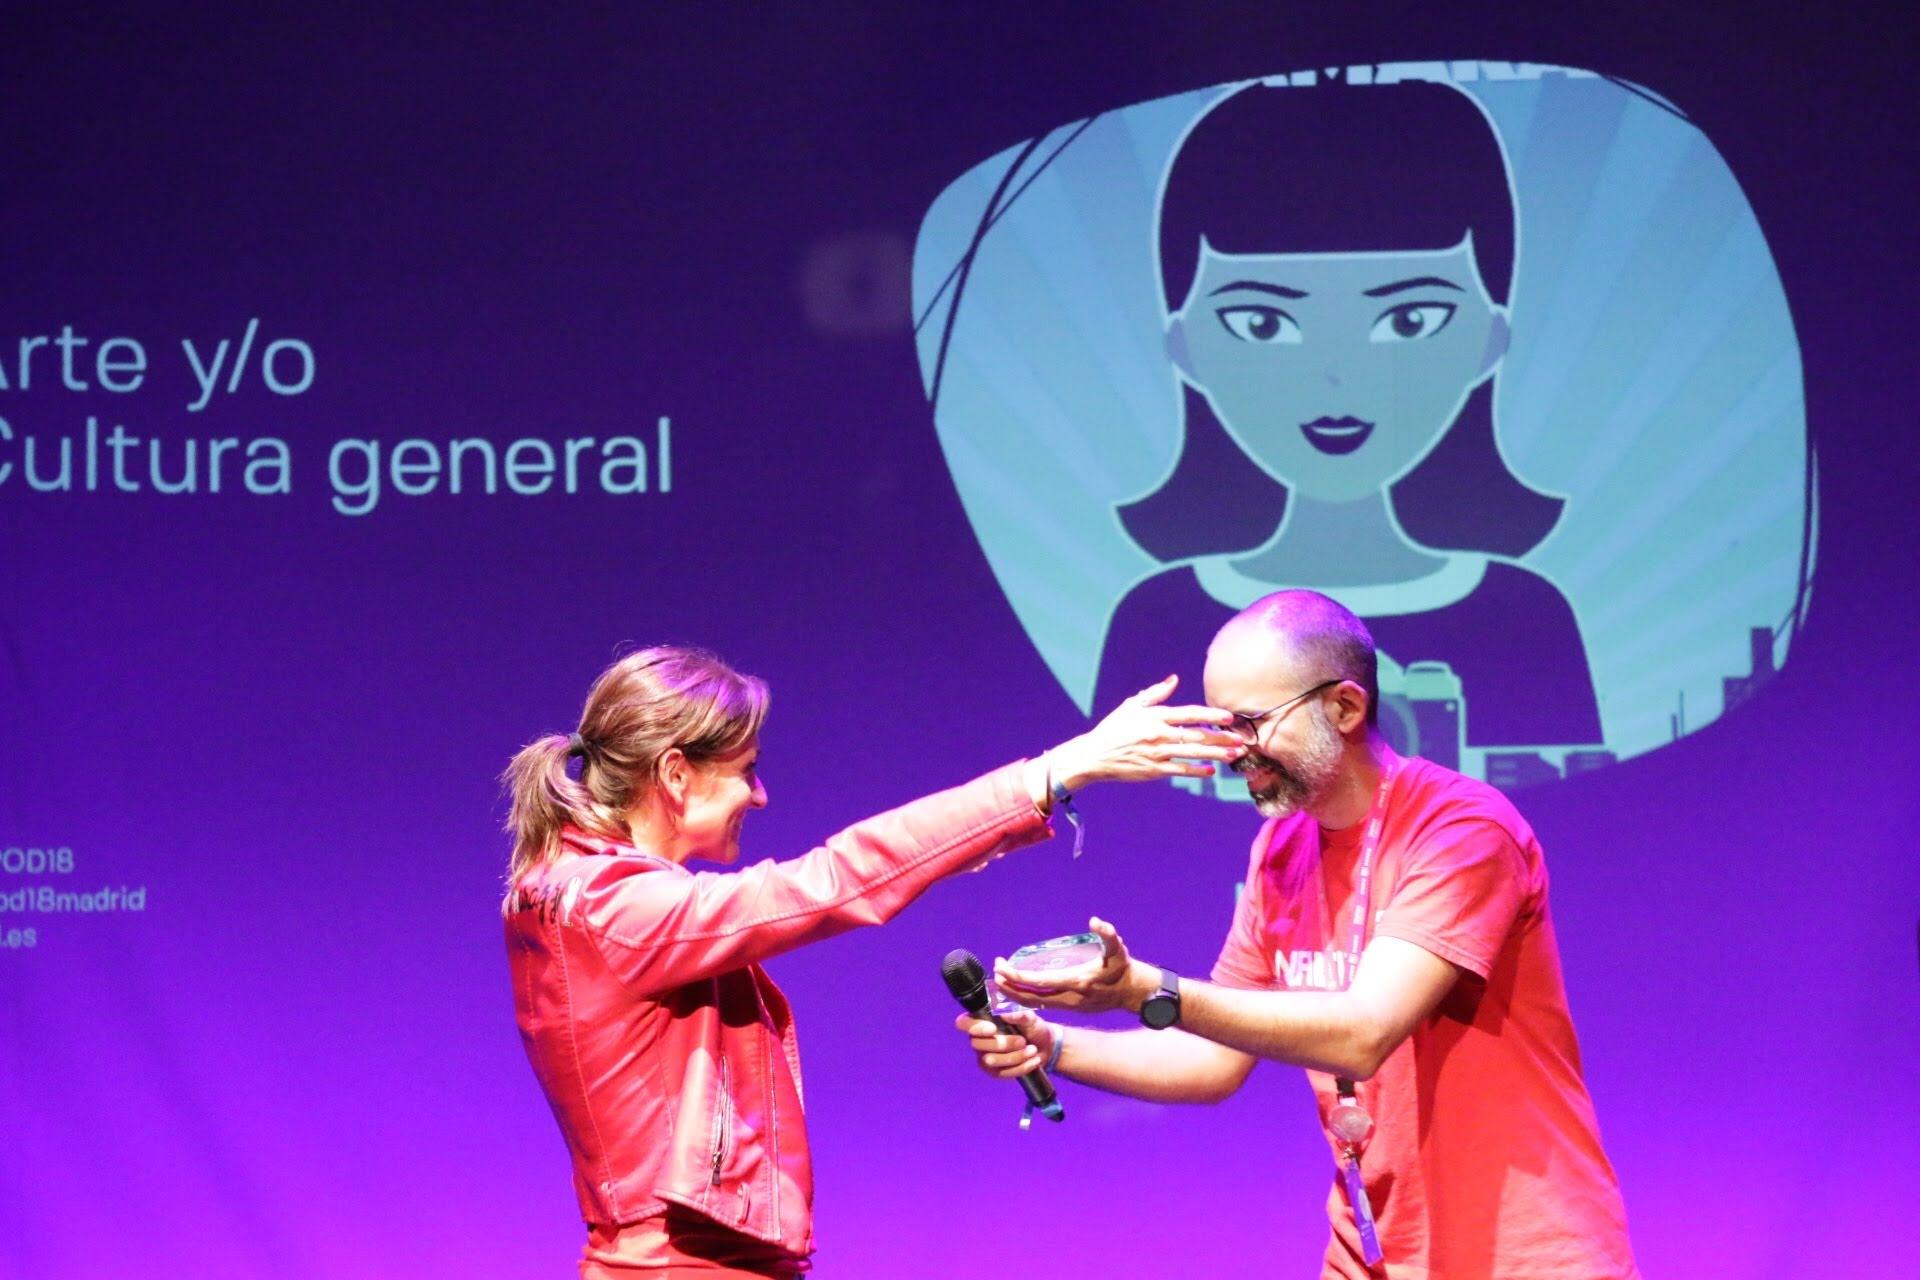 Foto: Patricia Torres - La Mamarazzi, ganadora del premio al Mejor Podcast de arte y/o cultura general 2018 en la IX Edición de los premios de la Asociación Podcast.